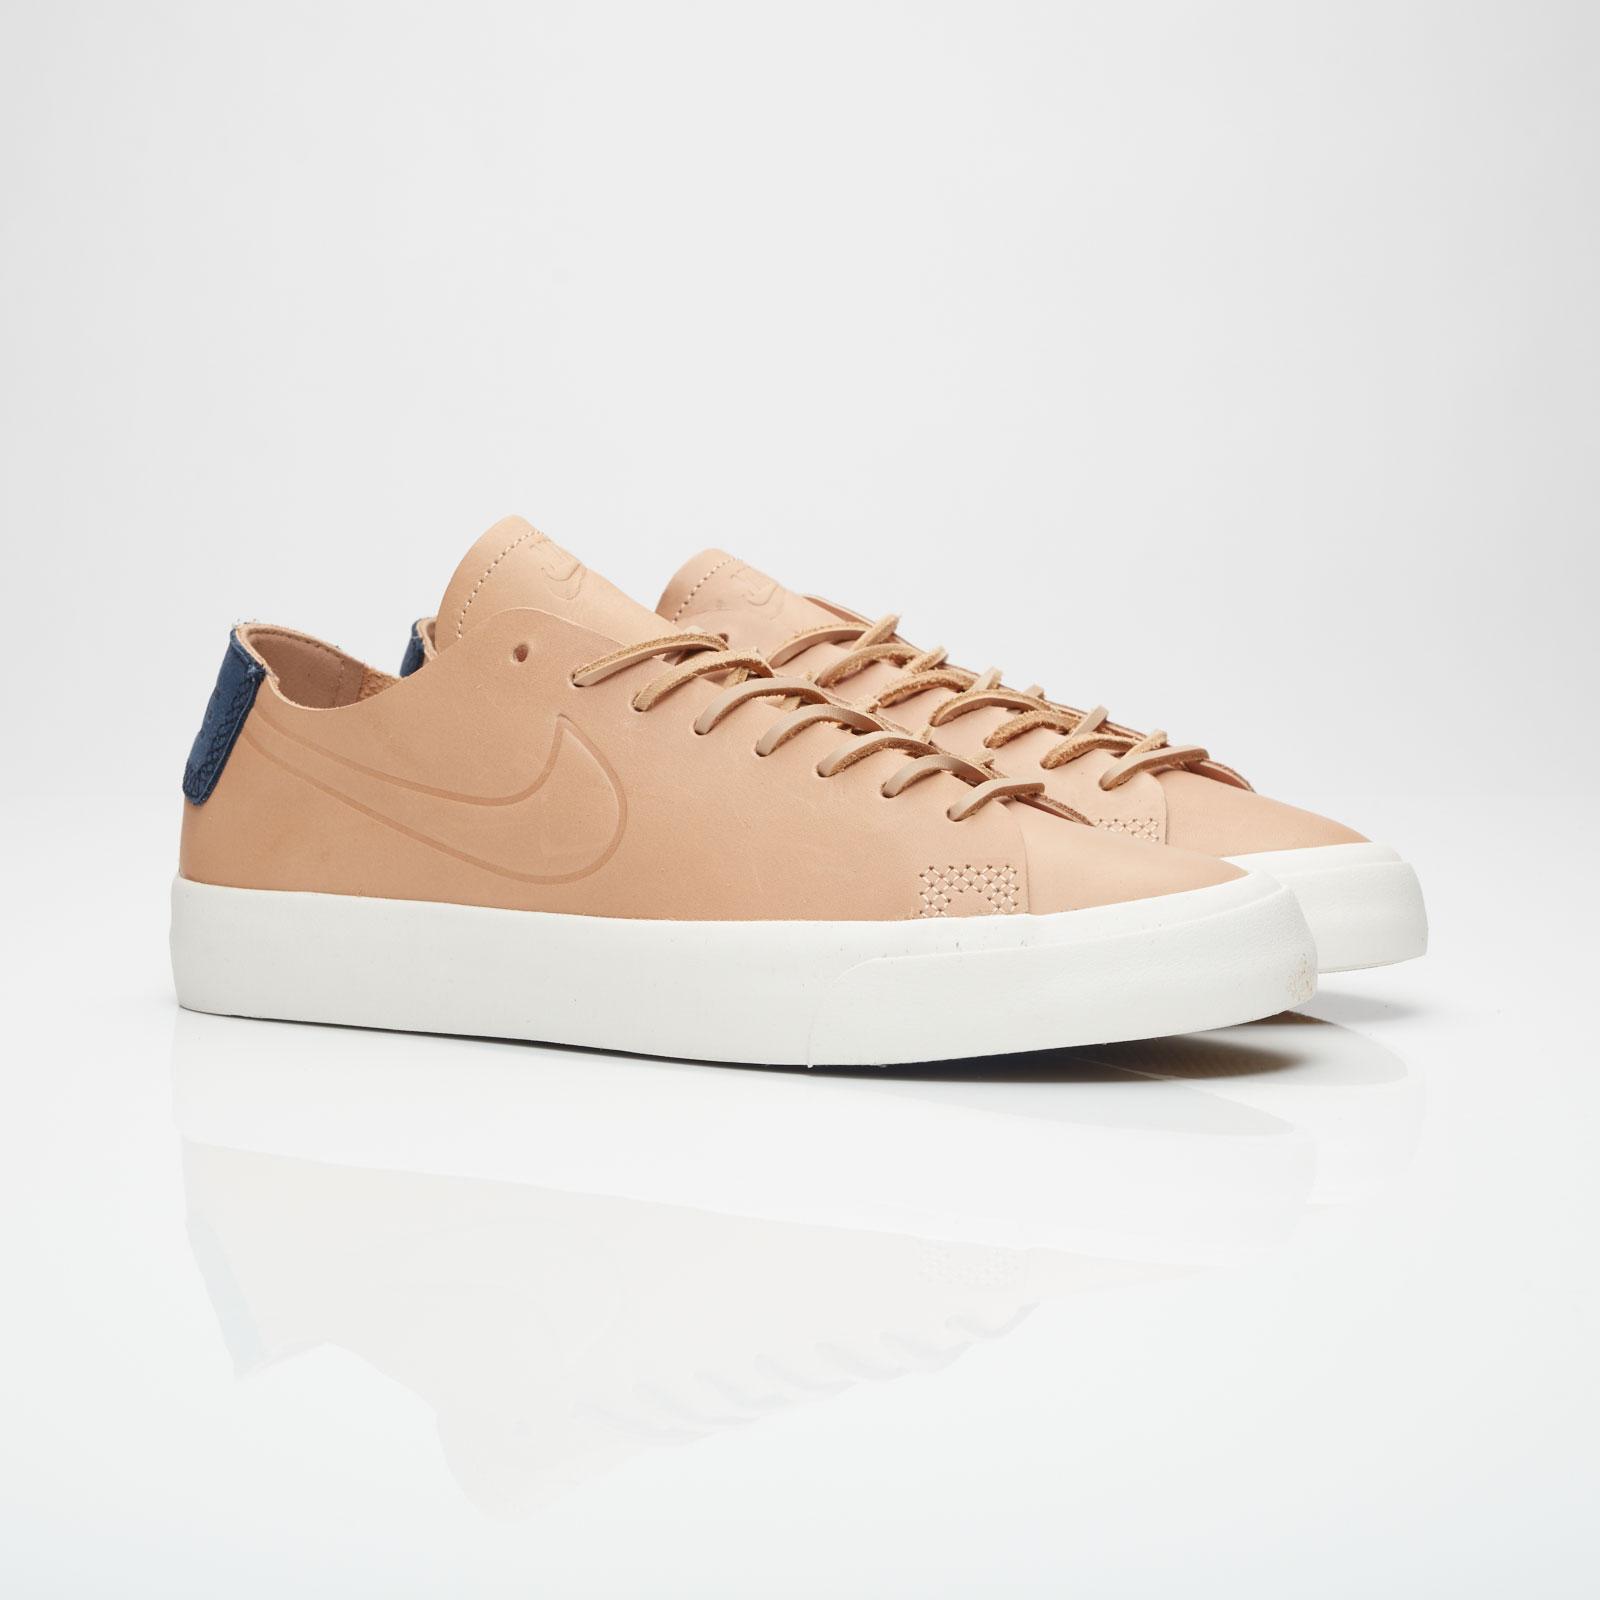 Nike Wmns Blazer Low SE Premium Vachetta Tan/ Vachetta Tan MllulZAy